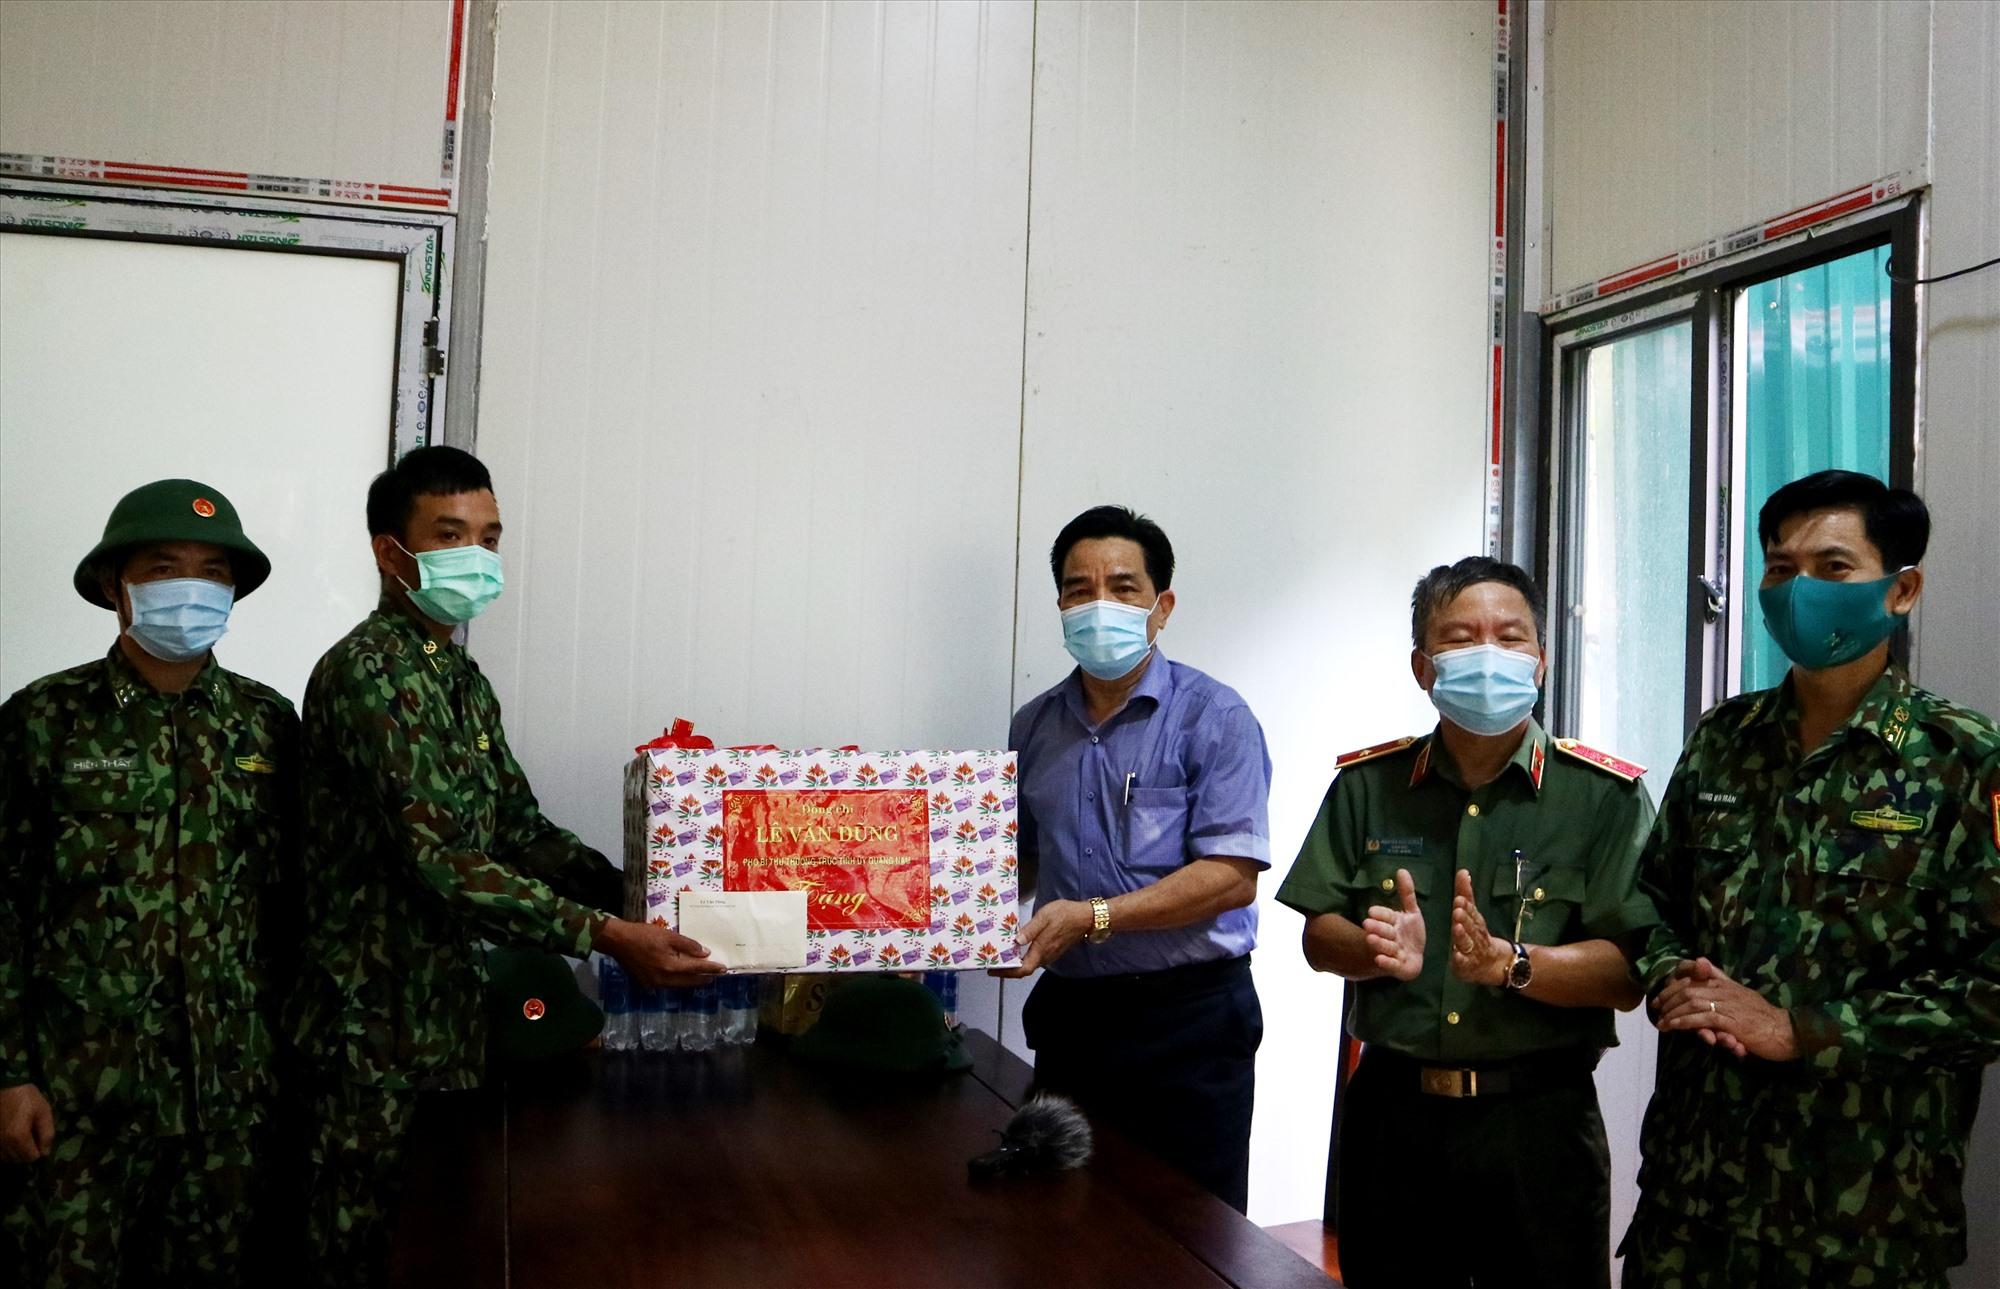 Thay mặt lãnh đạo tỉnh, đồng chí Lê Văn Dũng tặng quà động viên cán bộ chiến sĩ chốt kiểm soát số 2 xã La Dêê. Ảnh: A.N